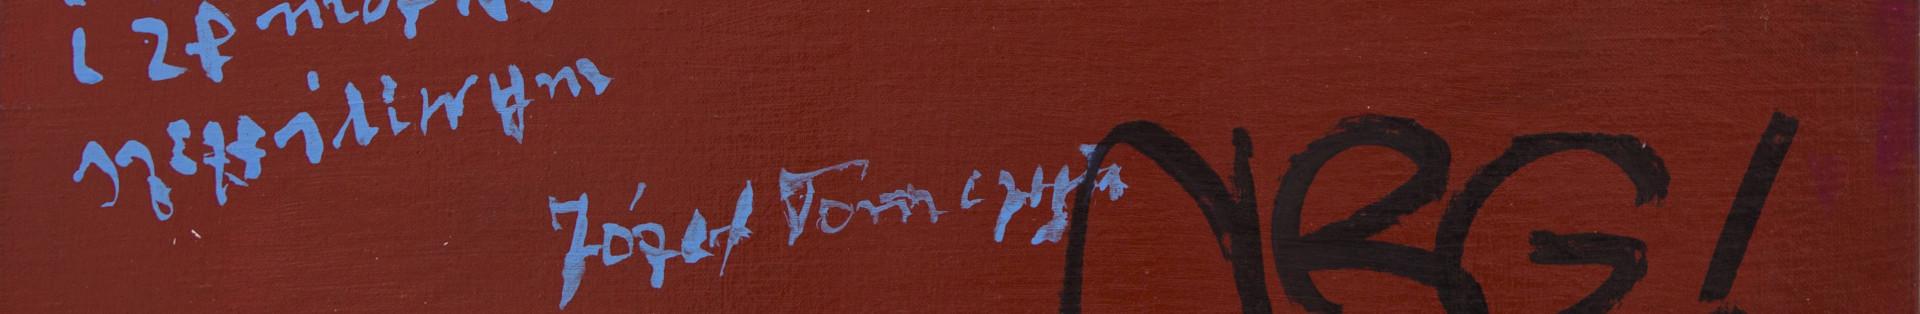 Tomczyk